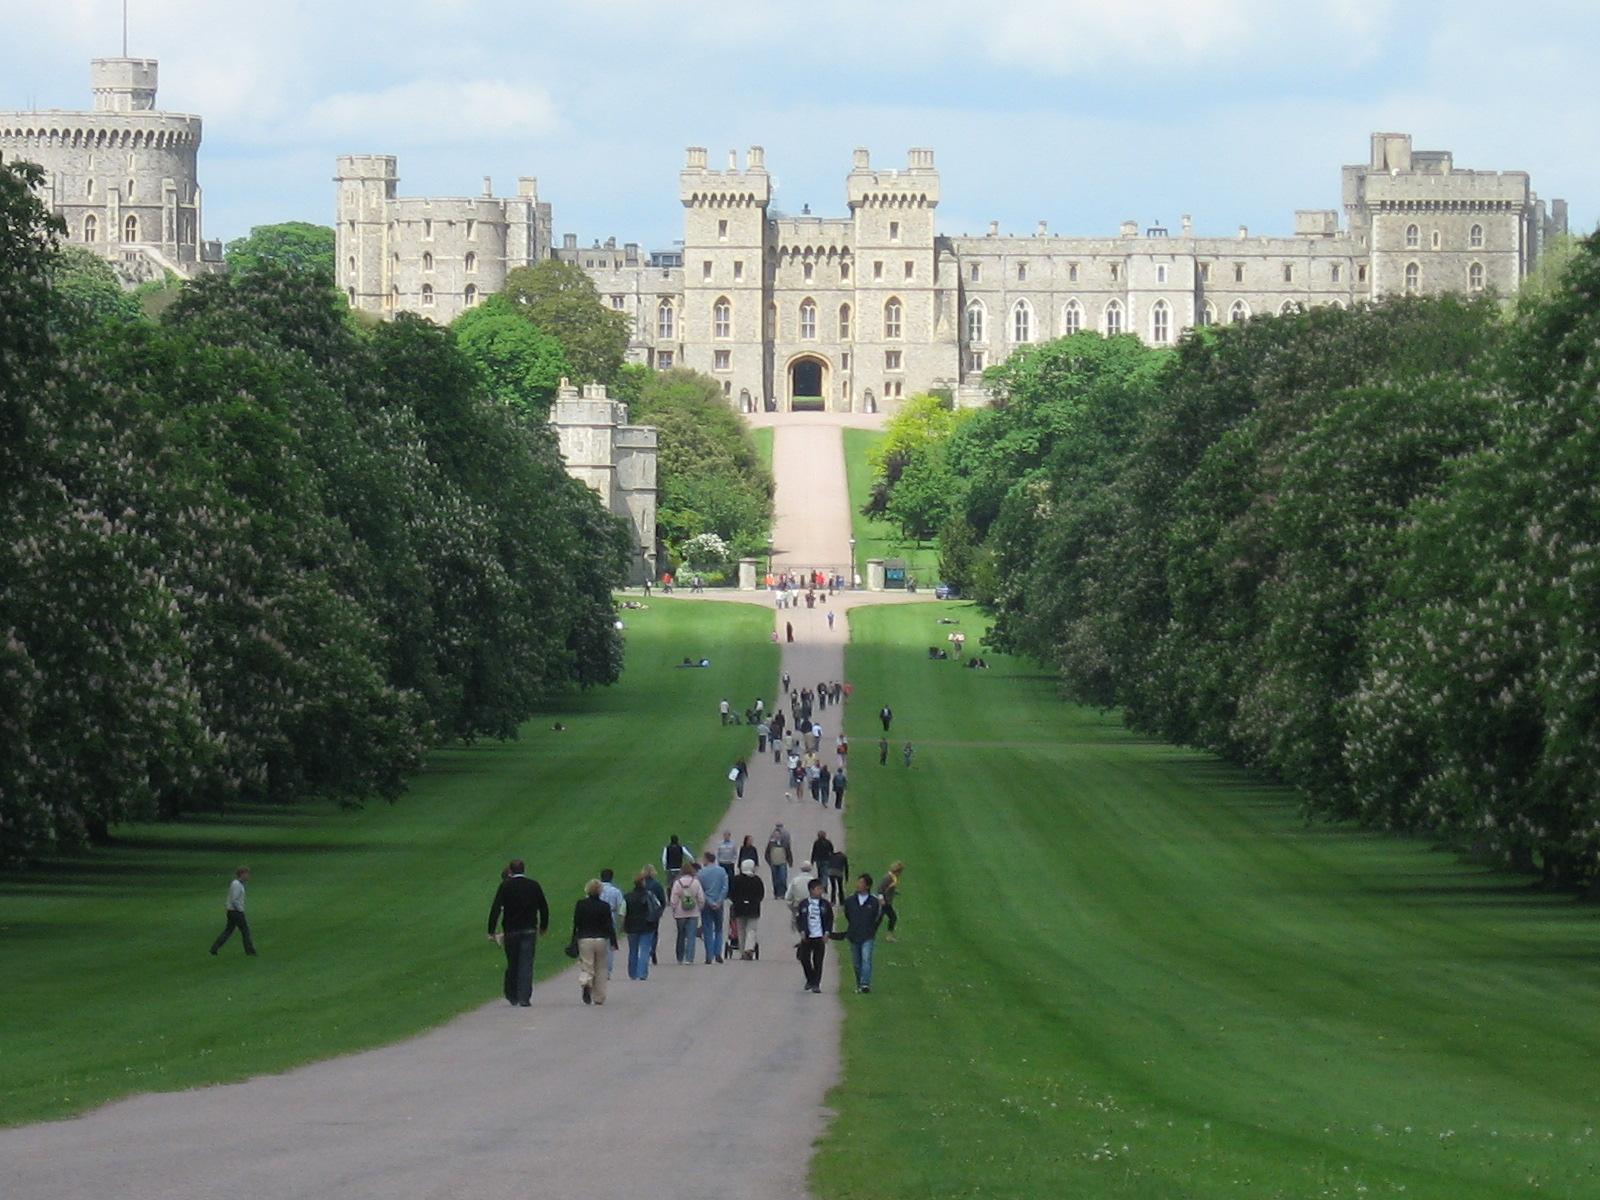 Best Castles In England: Windsor Castle